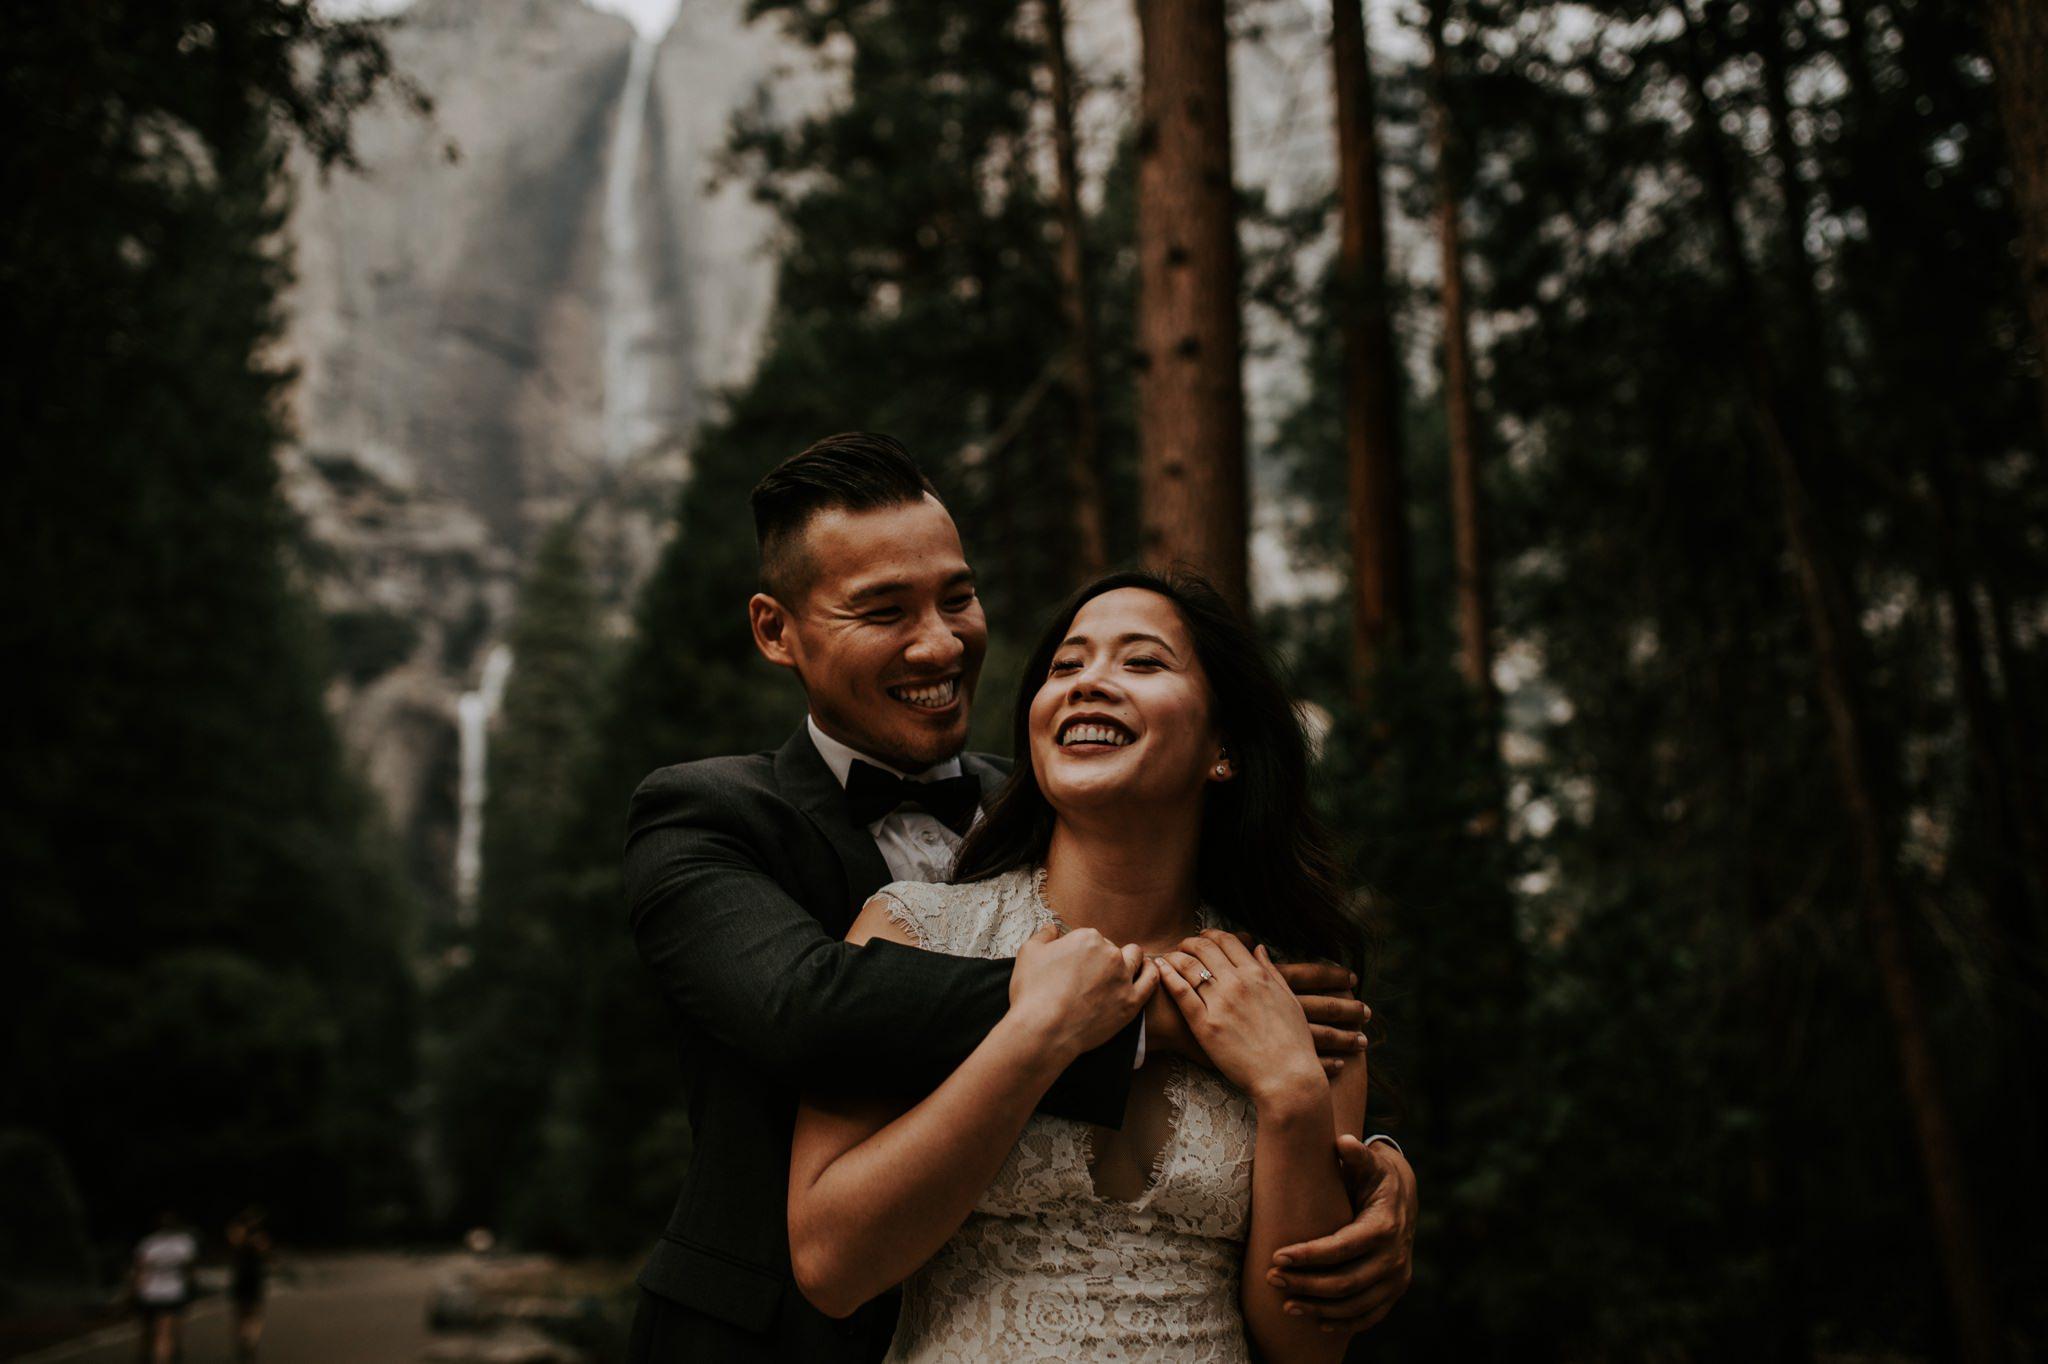 Yosemite-Elopement-Photographer10.jpg